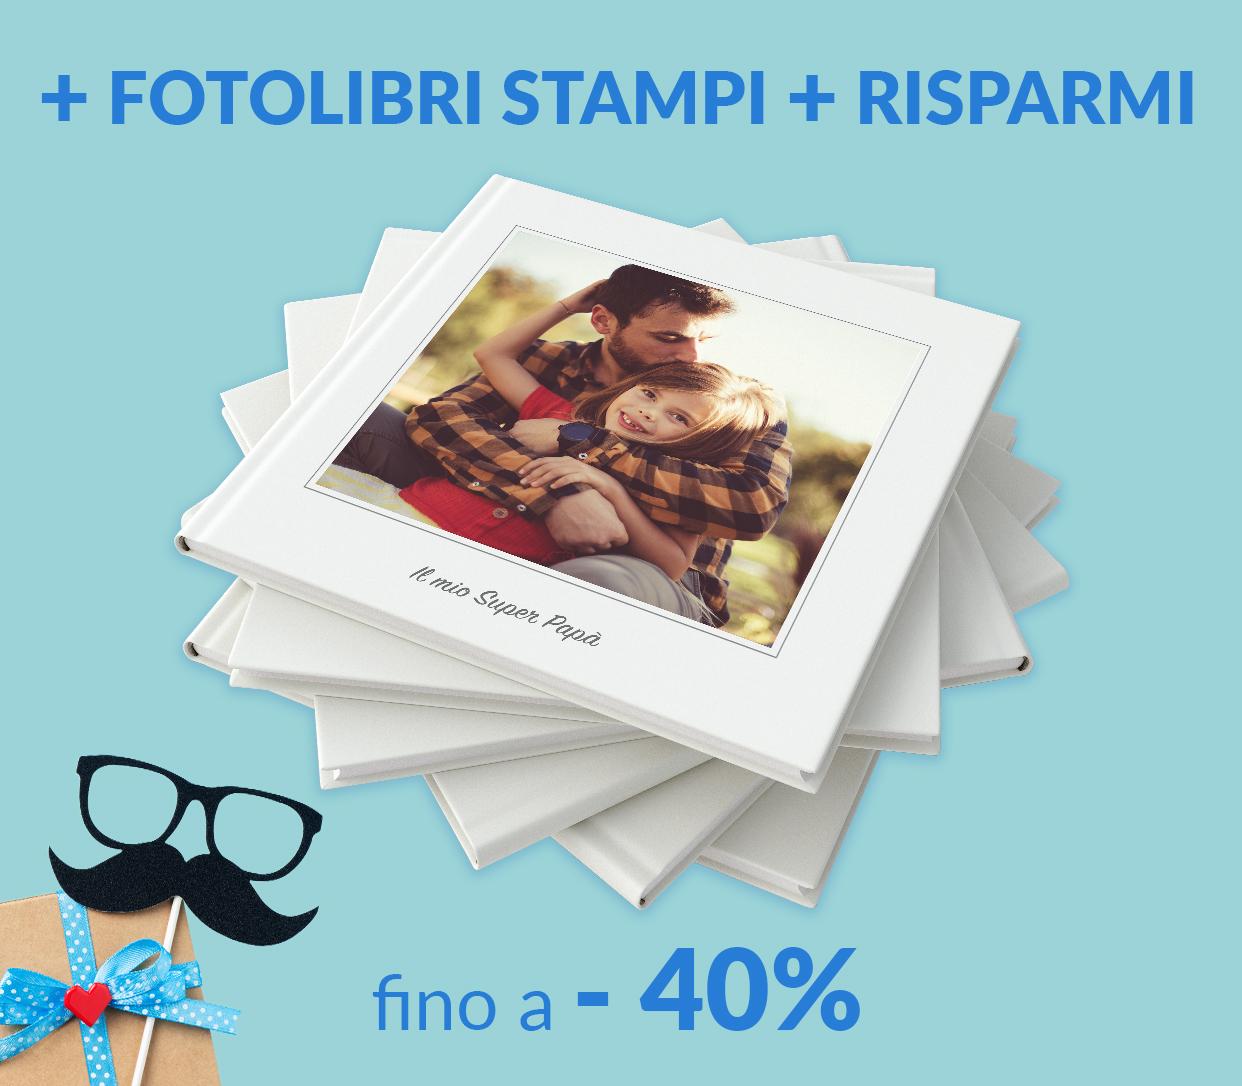 Fino a -40% sui FotoLibri, in base alla quantità